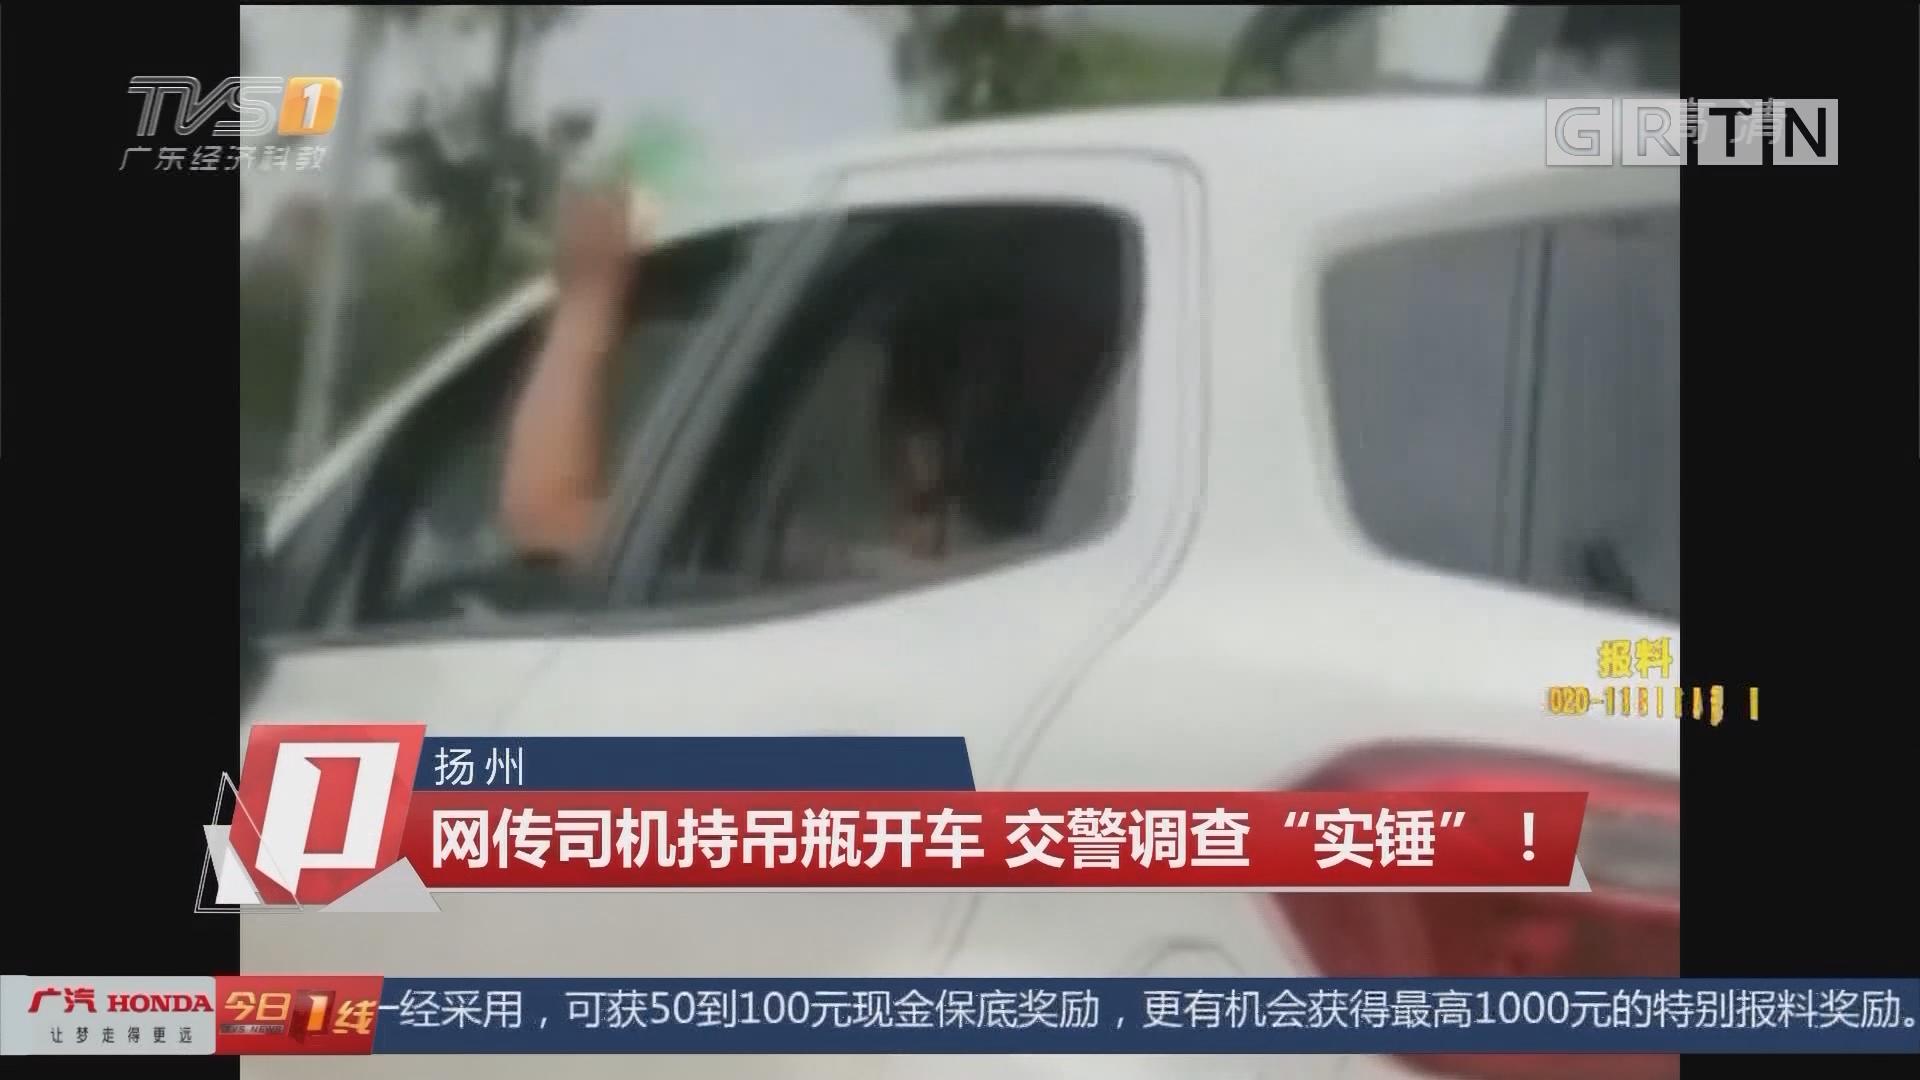 """扬州 网传司机持吊瓶开车 交警调查""""实锤""""!"""